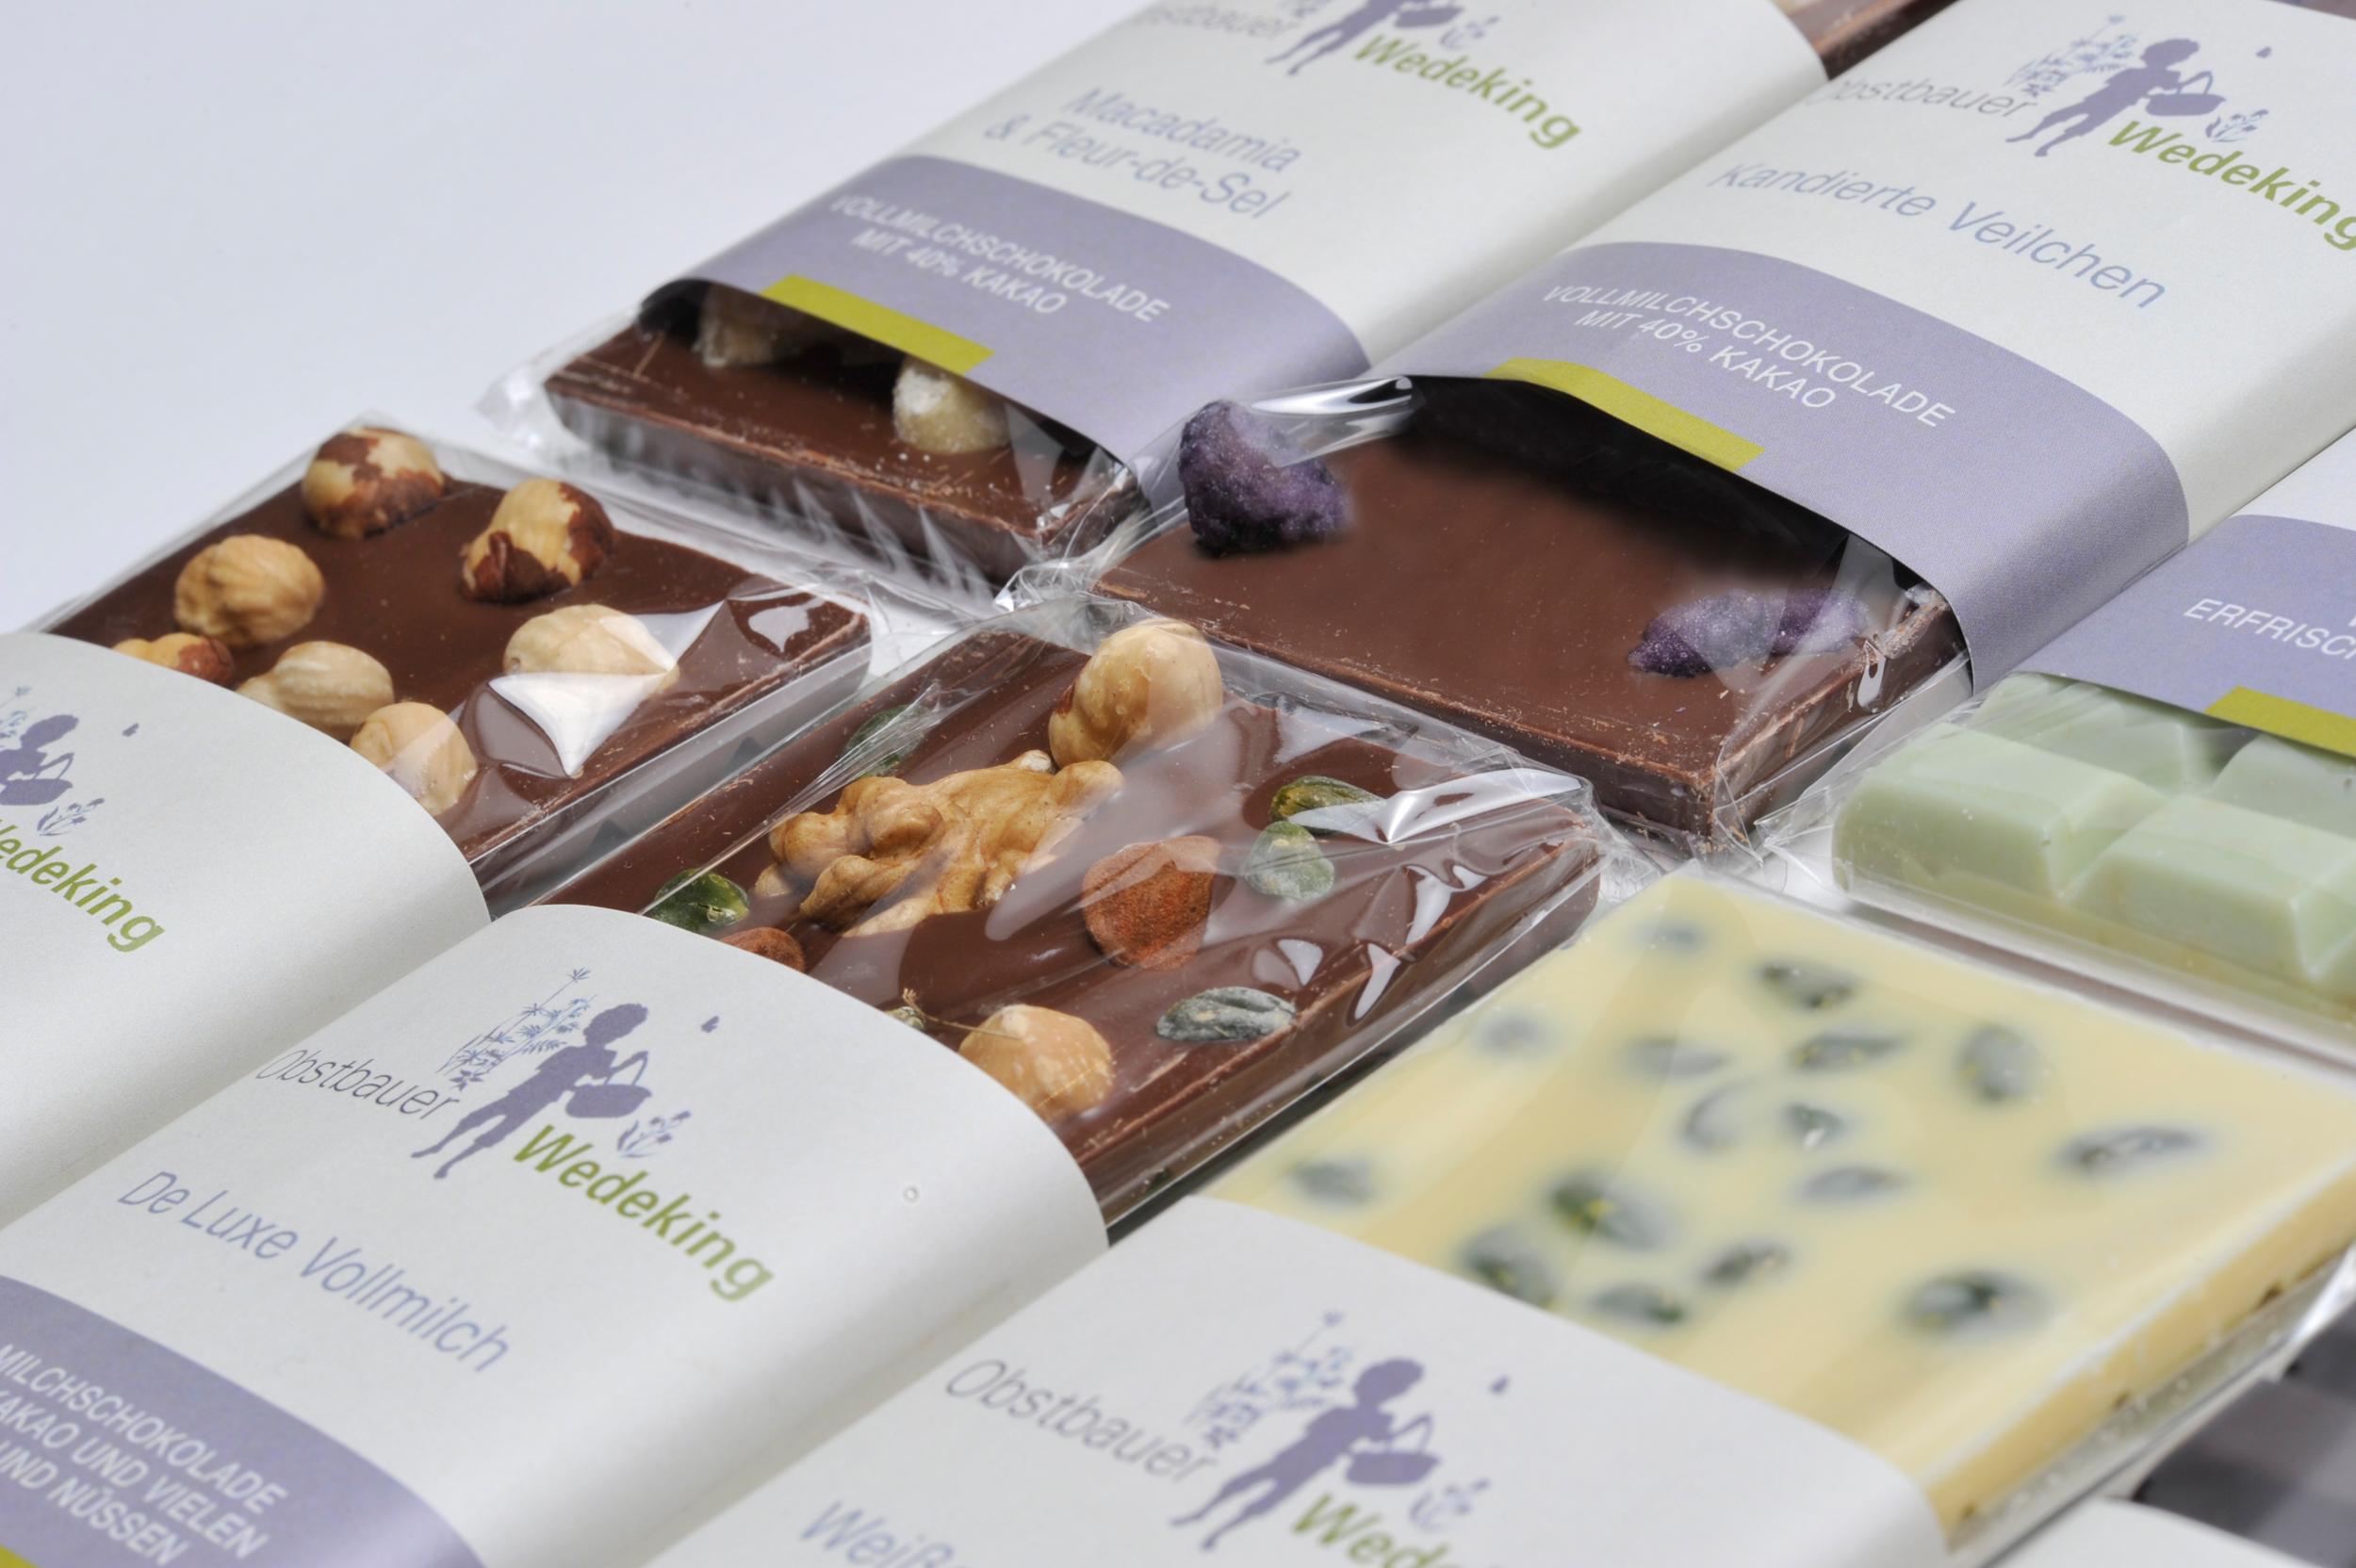 Schokoladen Obstbauer Wedeking